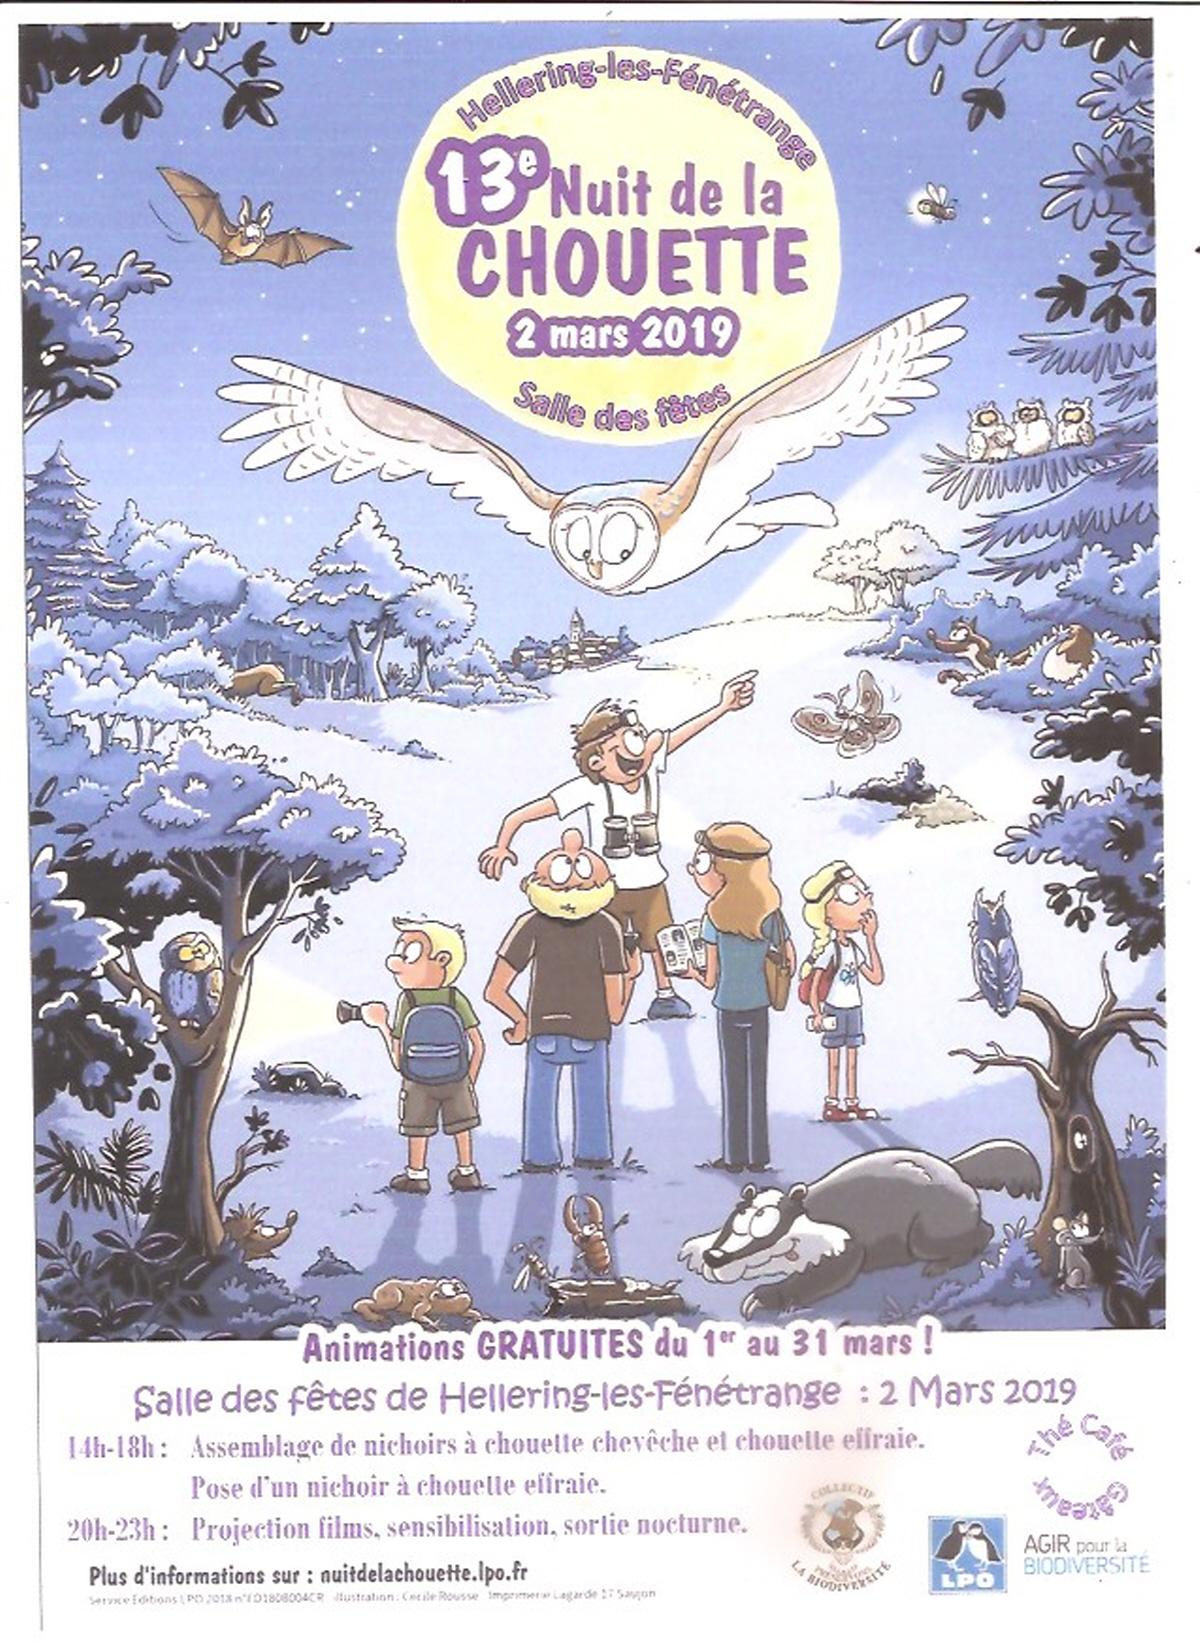 illustration-nuit-de-la-chouette_1-1546626601.jpg